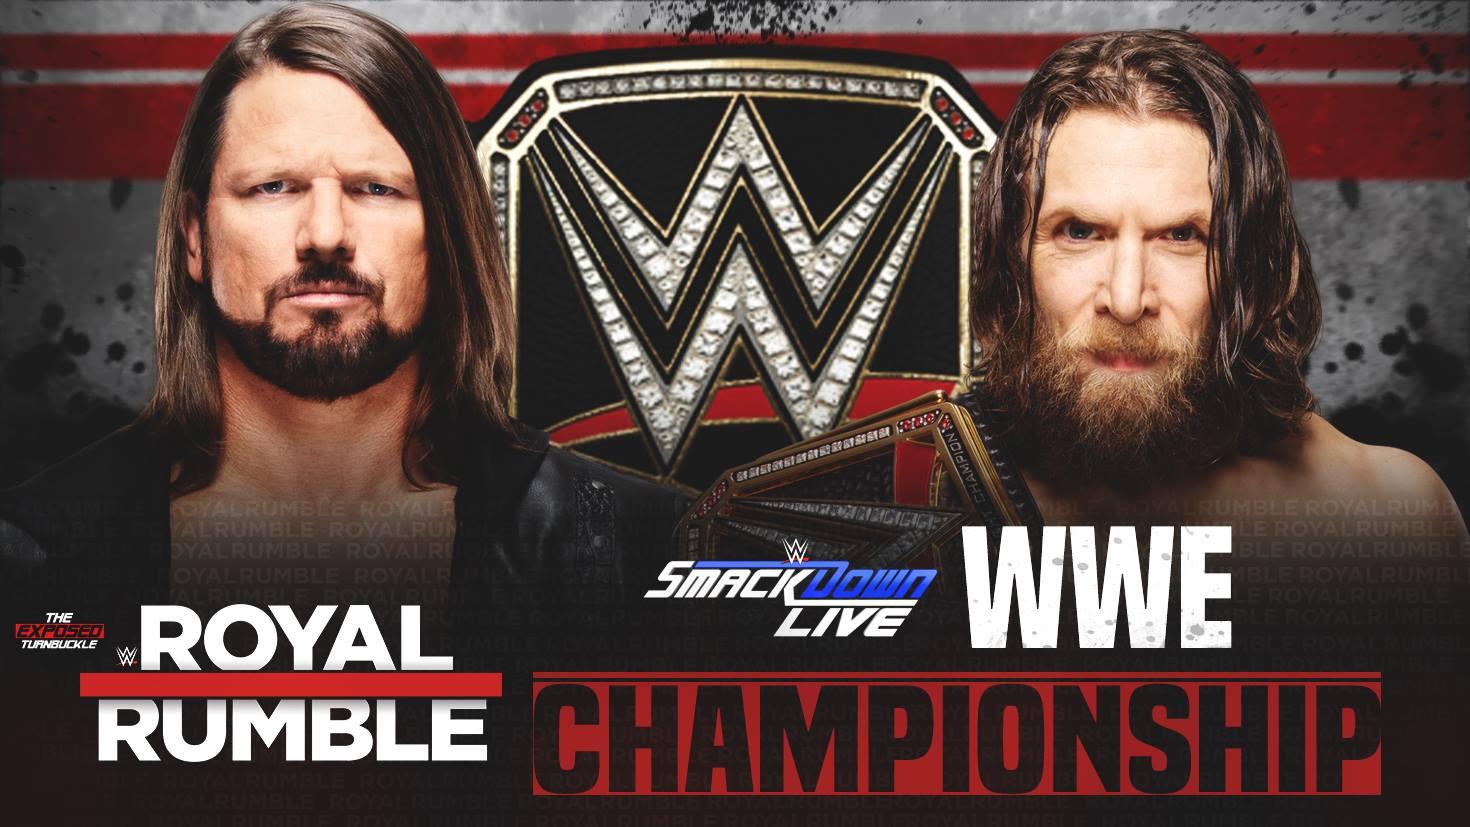 Daniel Bryan vs. AJ Styles - Royal Rumble 2019 (WWE Championship Match)